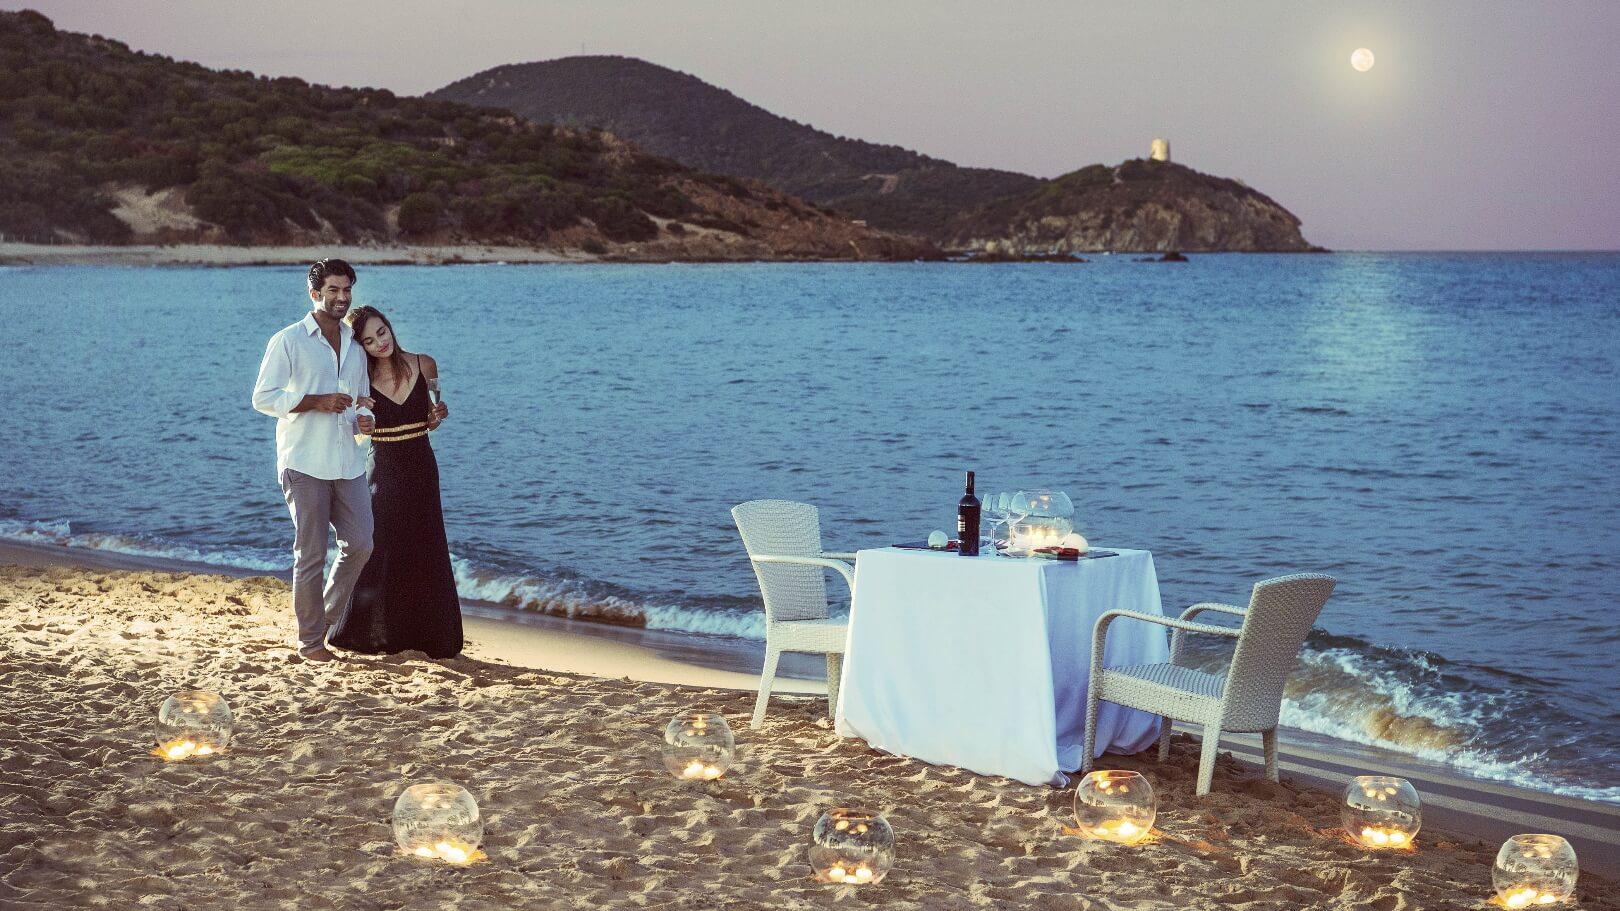 https://www.chialagunaresort.com/wp-content/uploads/2021/05/IHC_Chia-Laguna-Resort_grid_romantic_dinner-beach.jpg